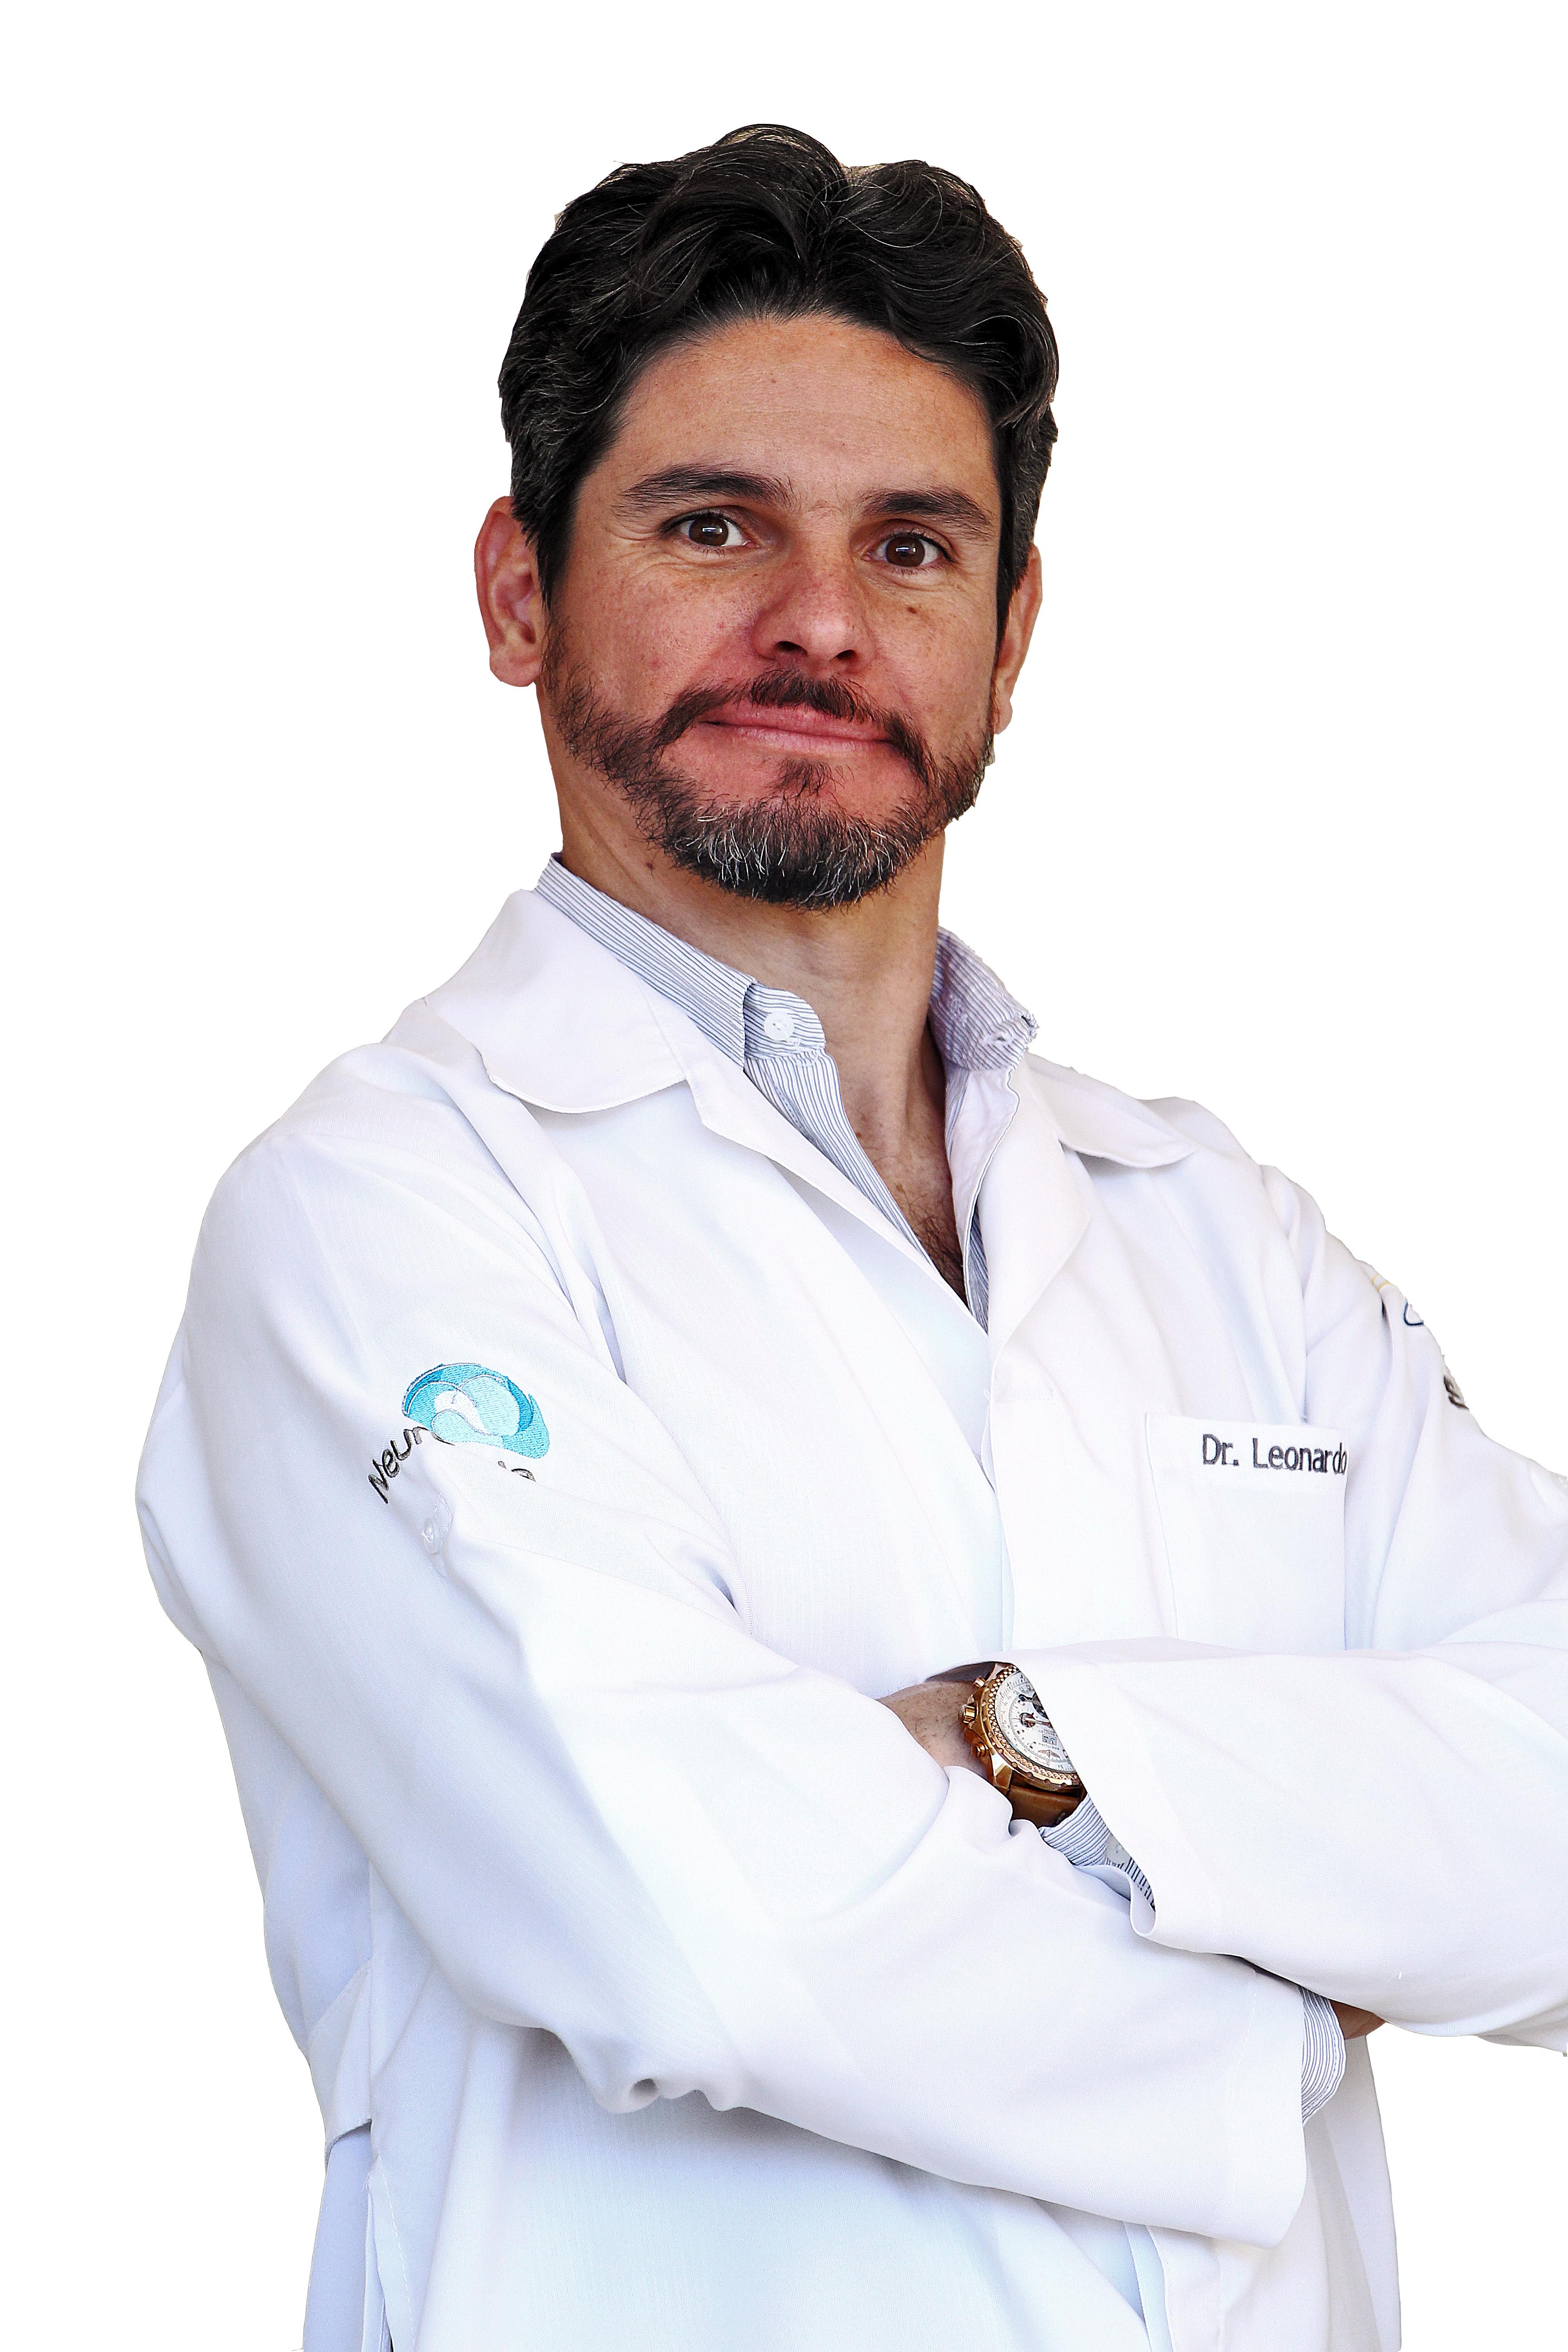 O neurocirurgião Lenardo Gomes de Carvalho entende que as saúdes física e emocional devem ser cuidadas juntas. Foto: Arquivo pessoalas ju